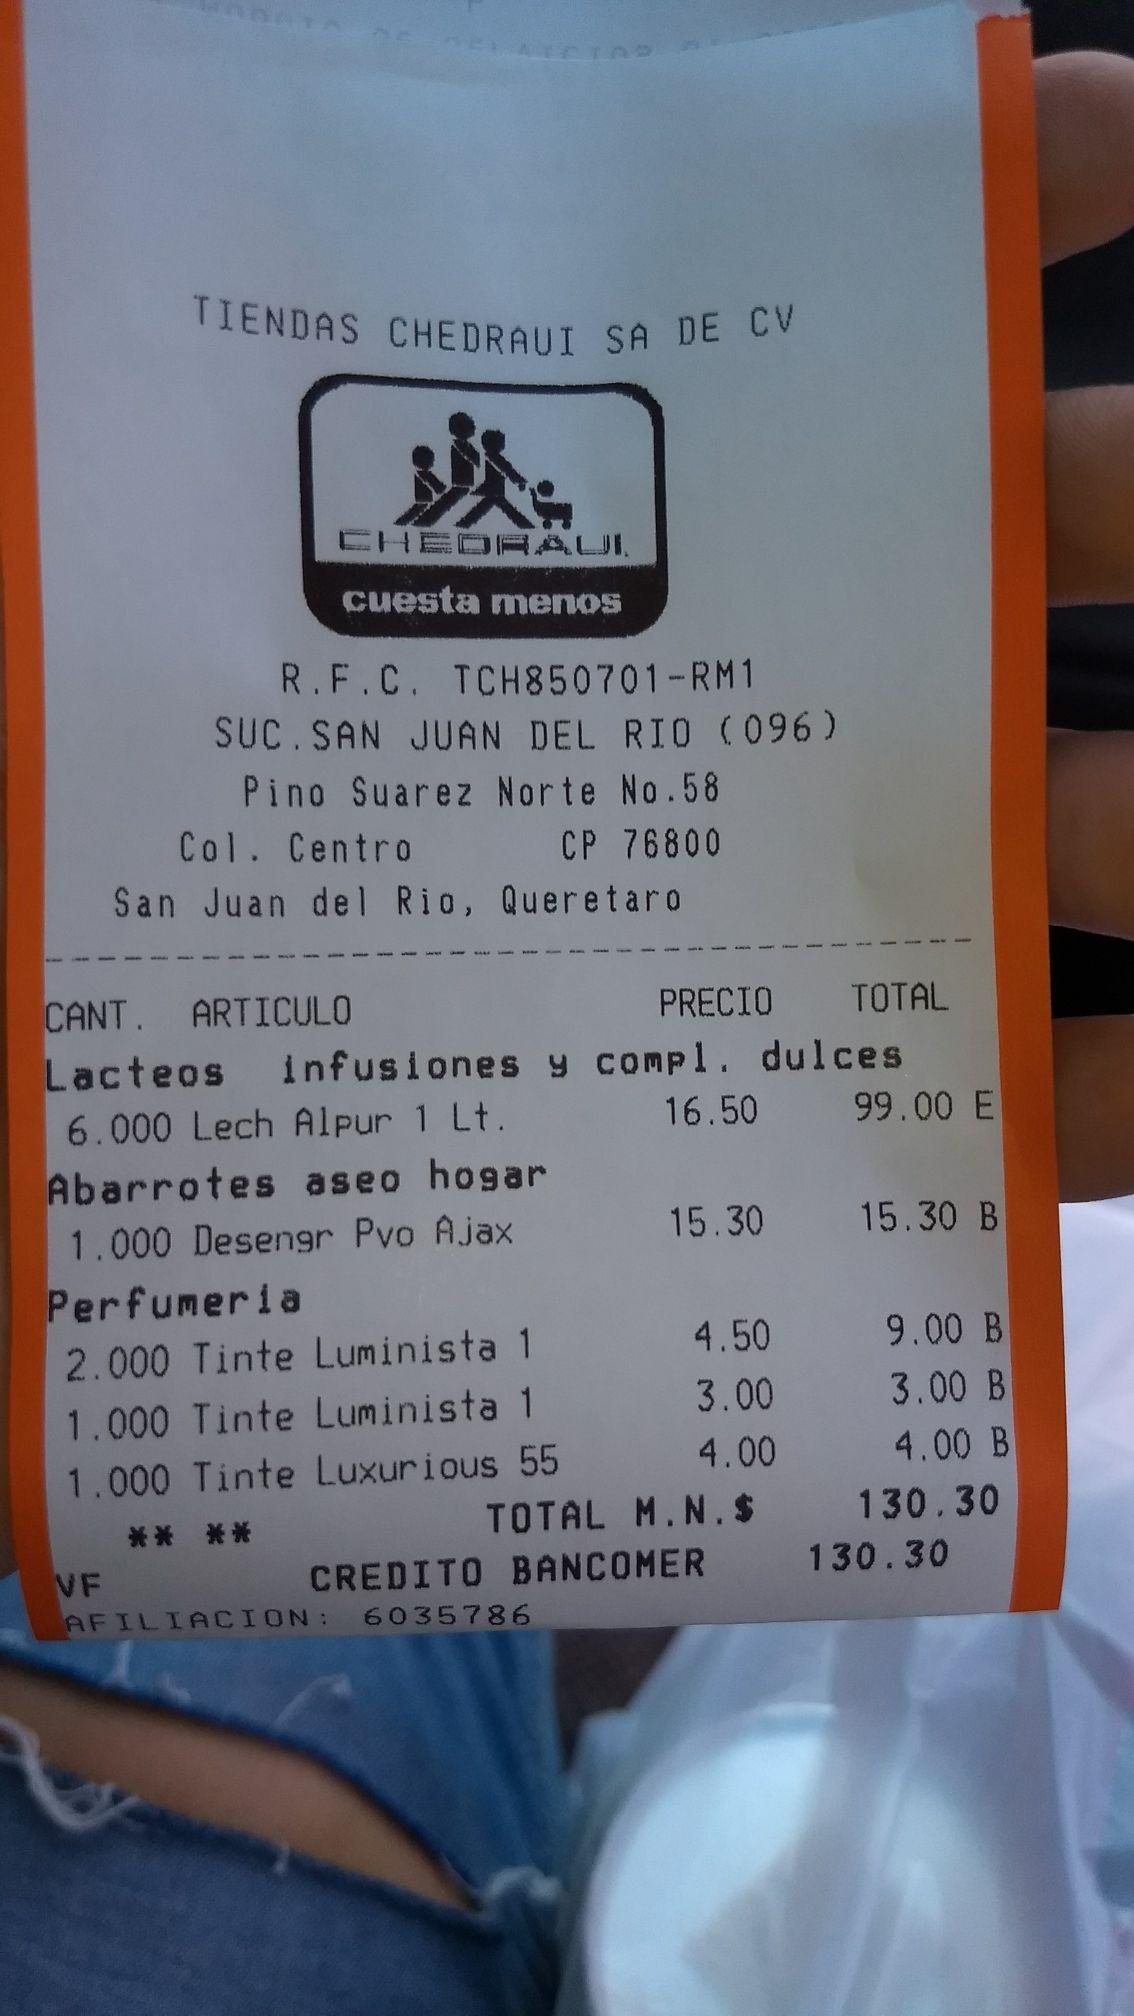 Chedraui SJR QRO: Tintes Revlon $4.50, $4 y $3